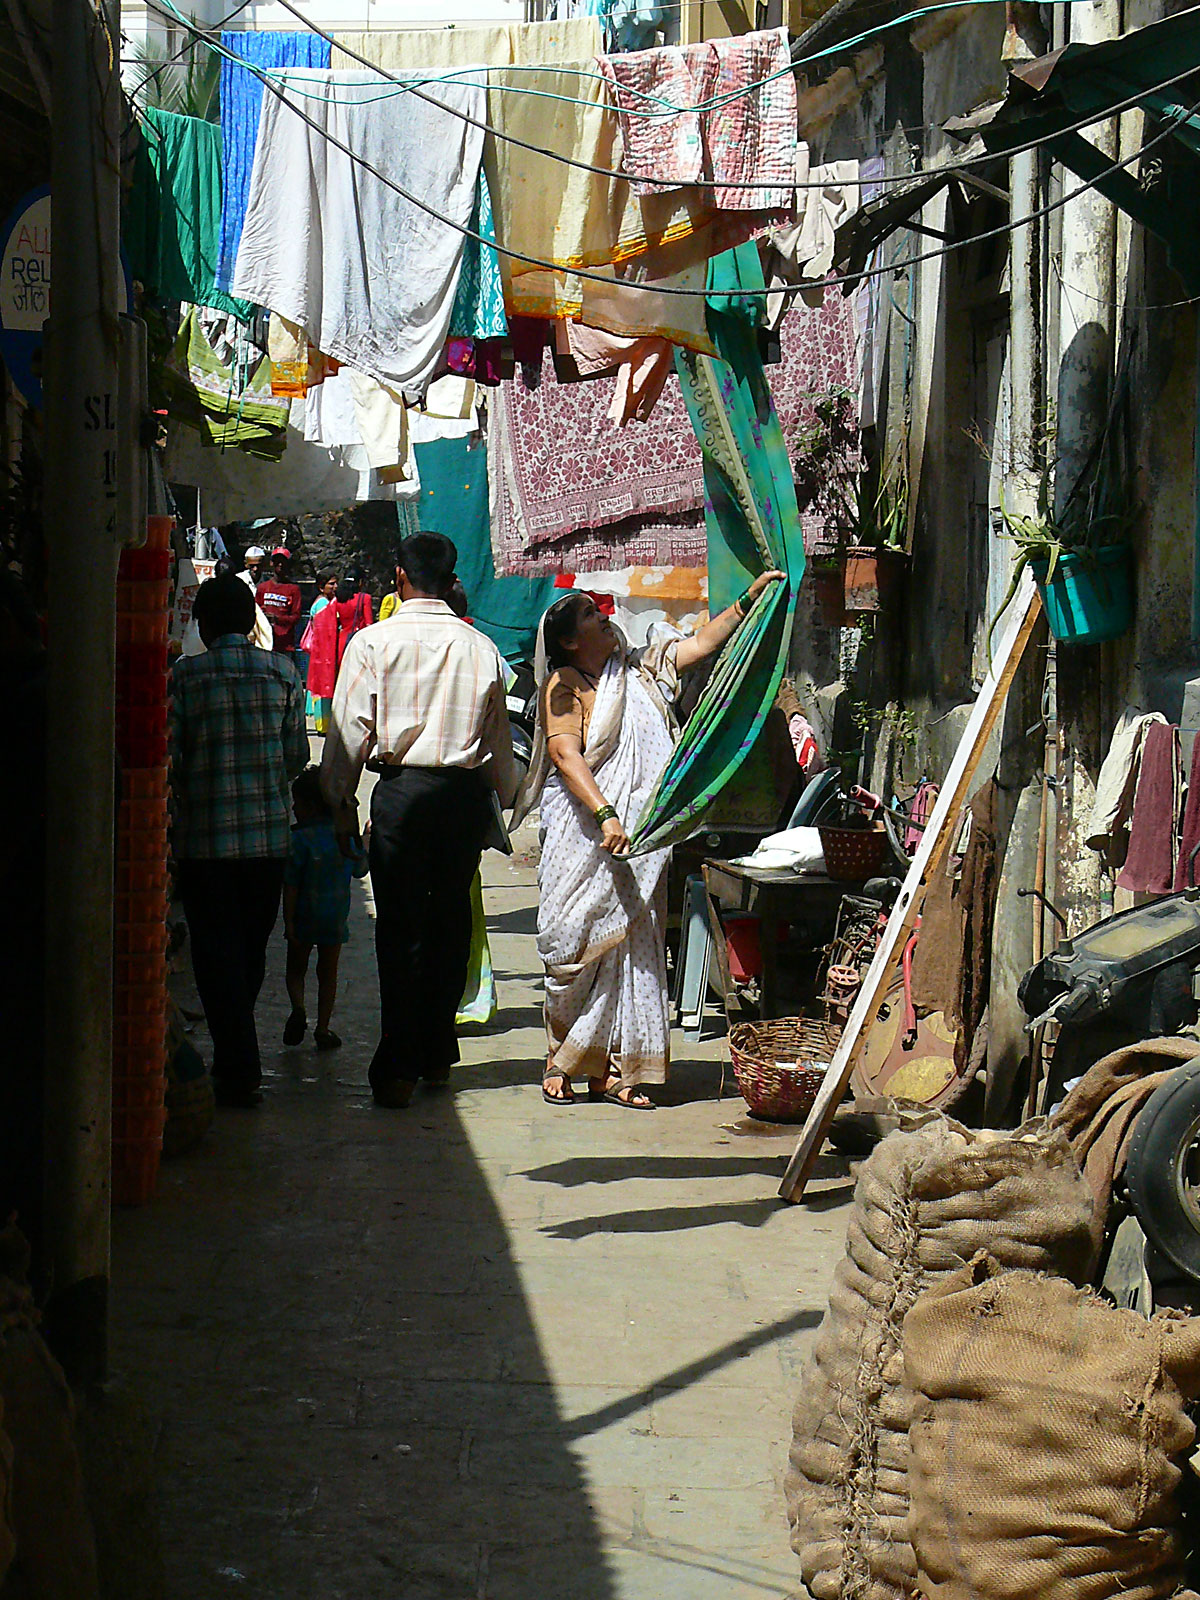 INDIEN MUMBAI Menschen Wohnen FINEST-onTour P1030461.jpg